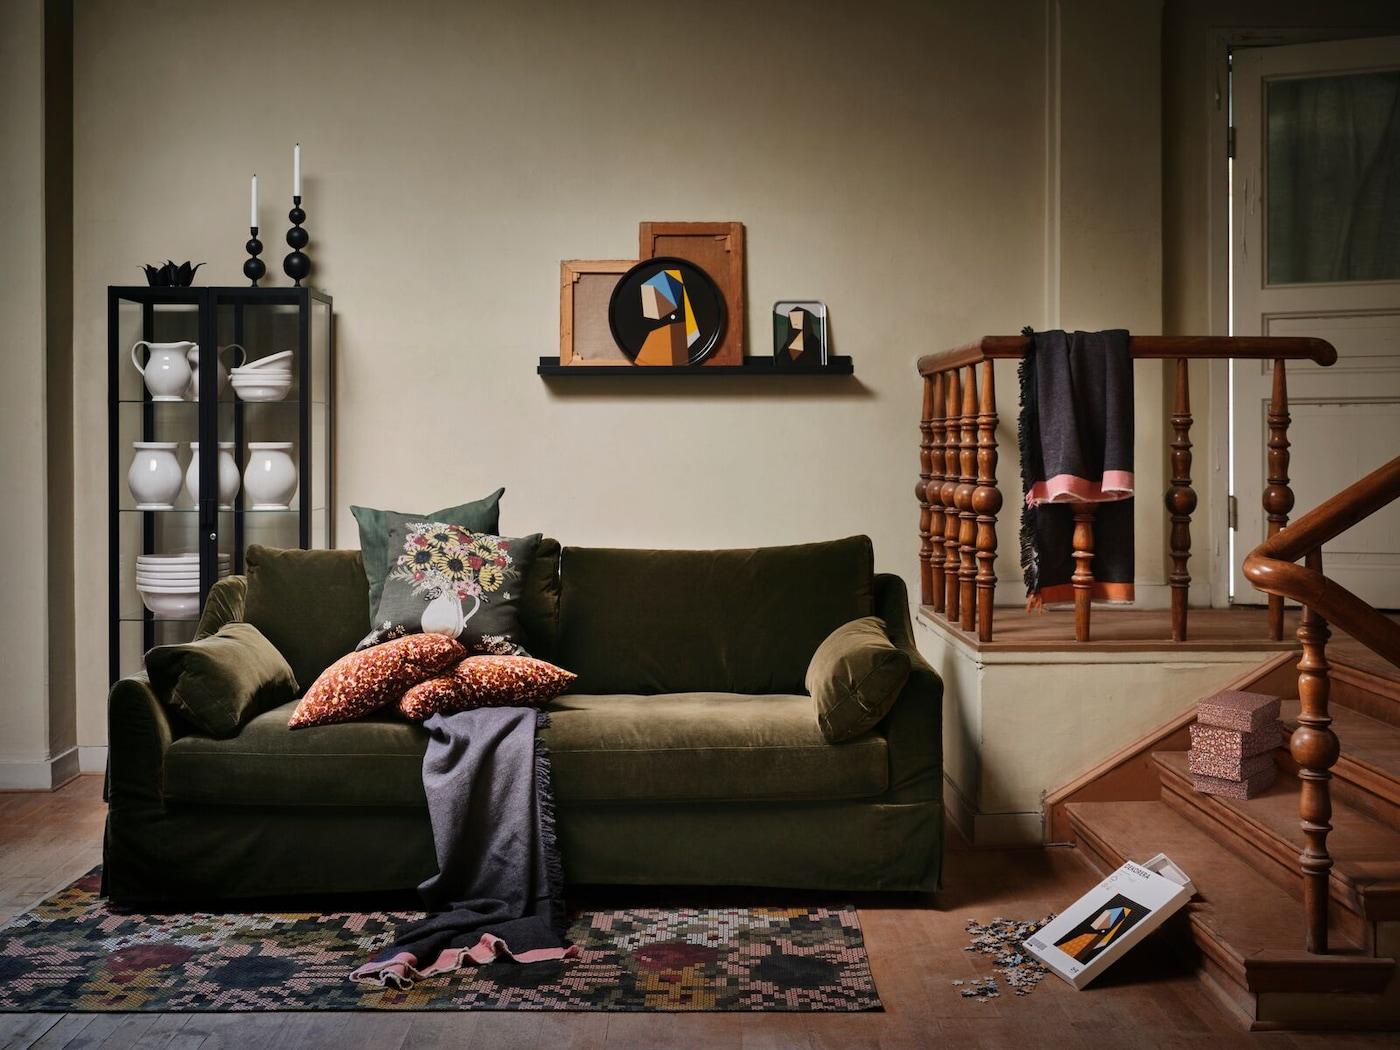 Verschillende artikelen uit de DEKORERA collectie van IKEA staan in een warme woonkamer, met een donkergroene zitbank en wat kussens.